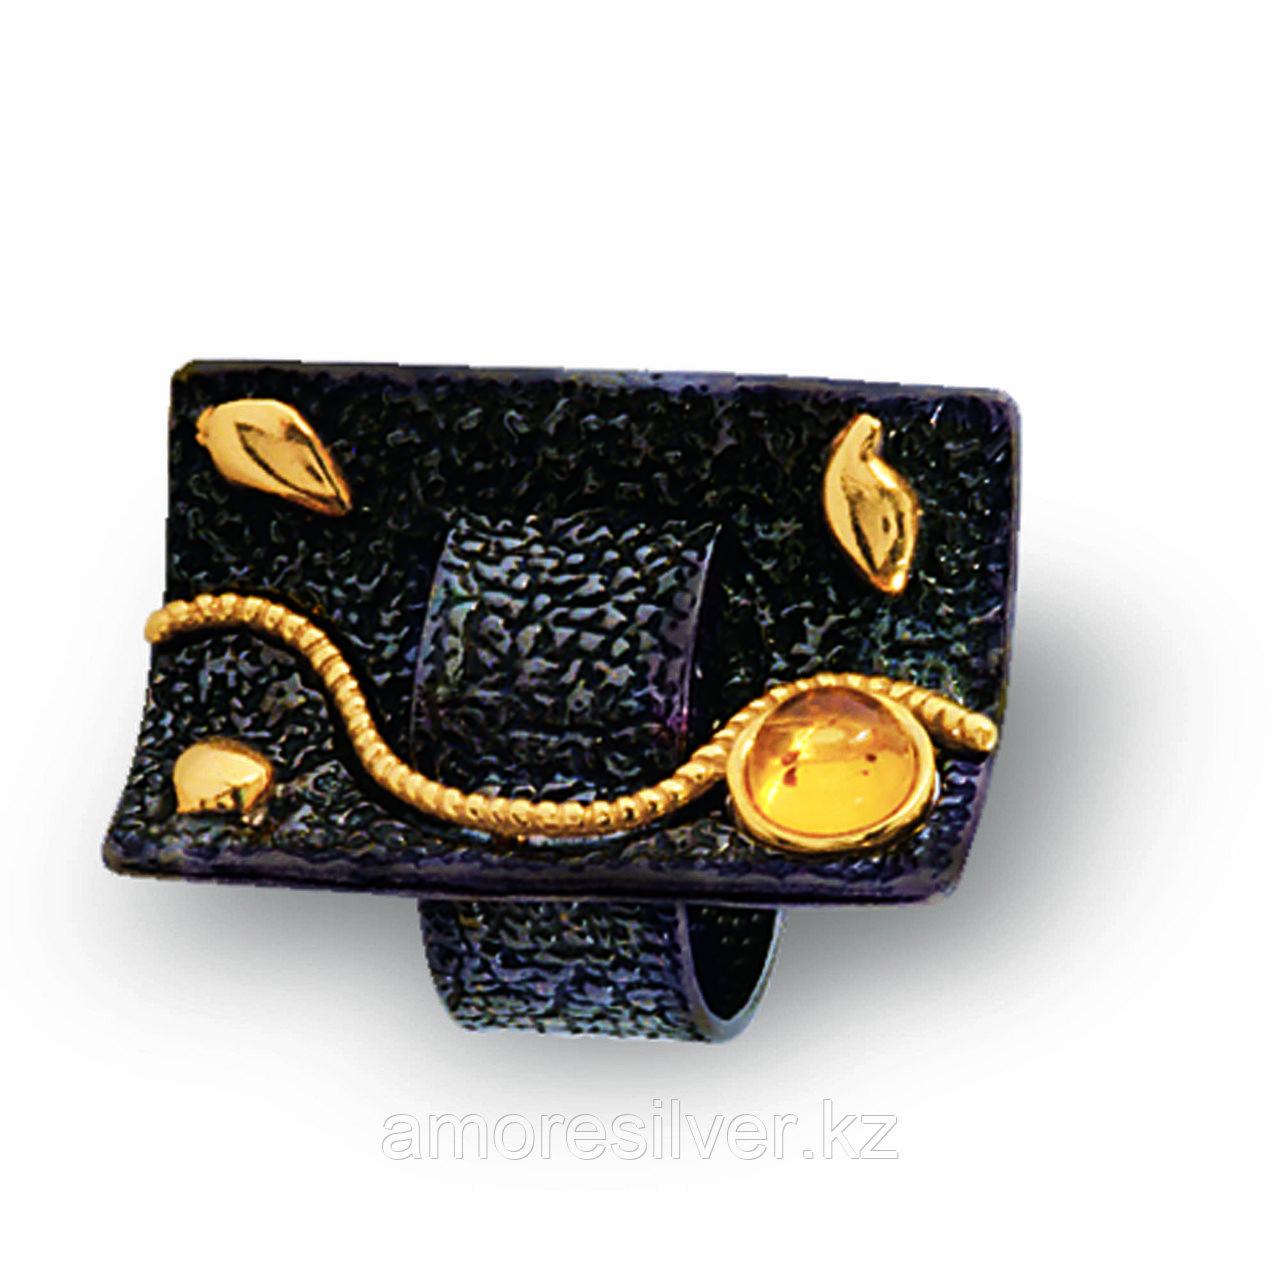 Кольцо Балтийское золото , янтарь, необычное 71131046